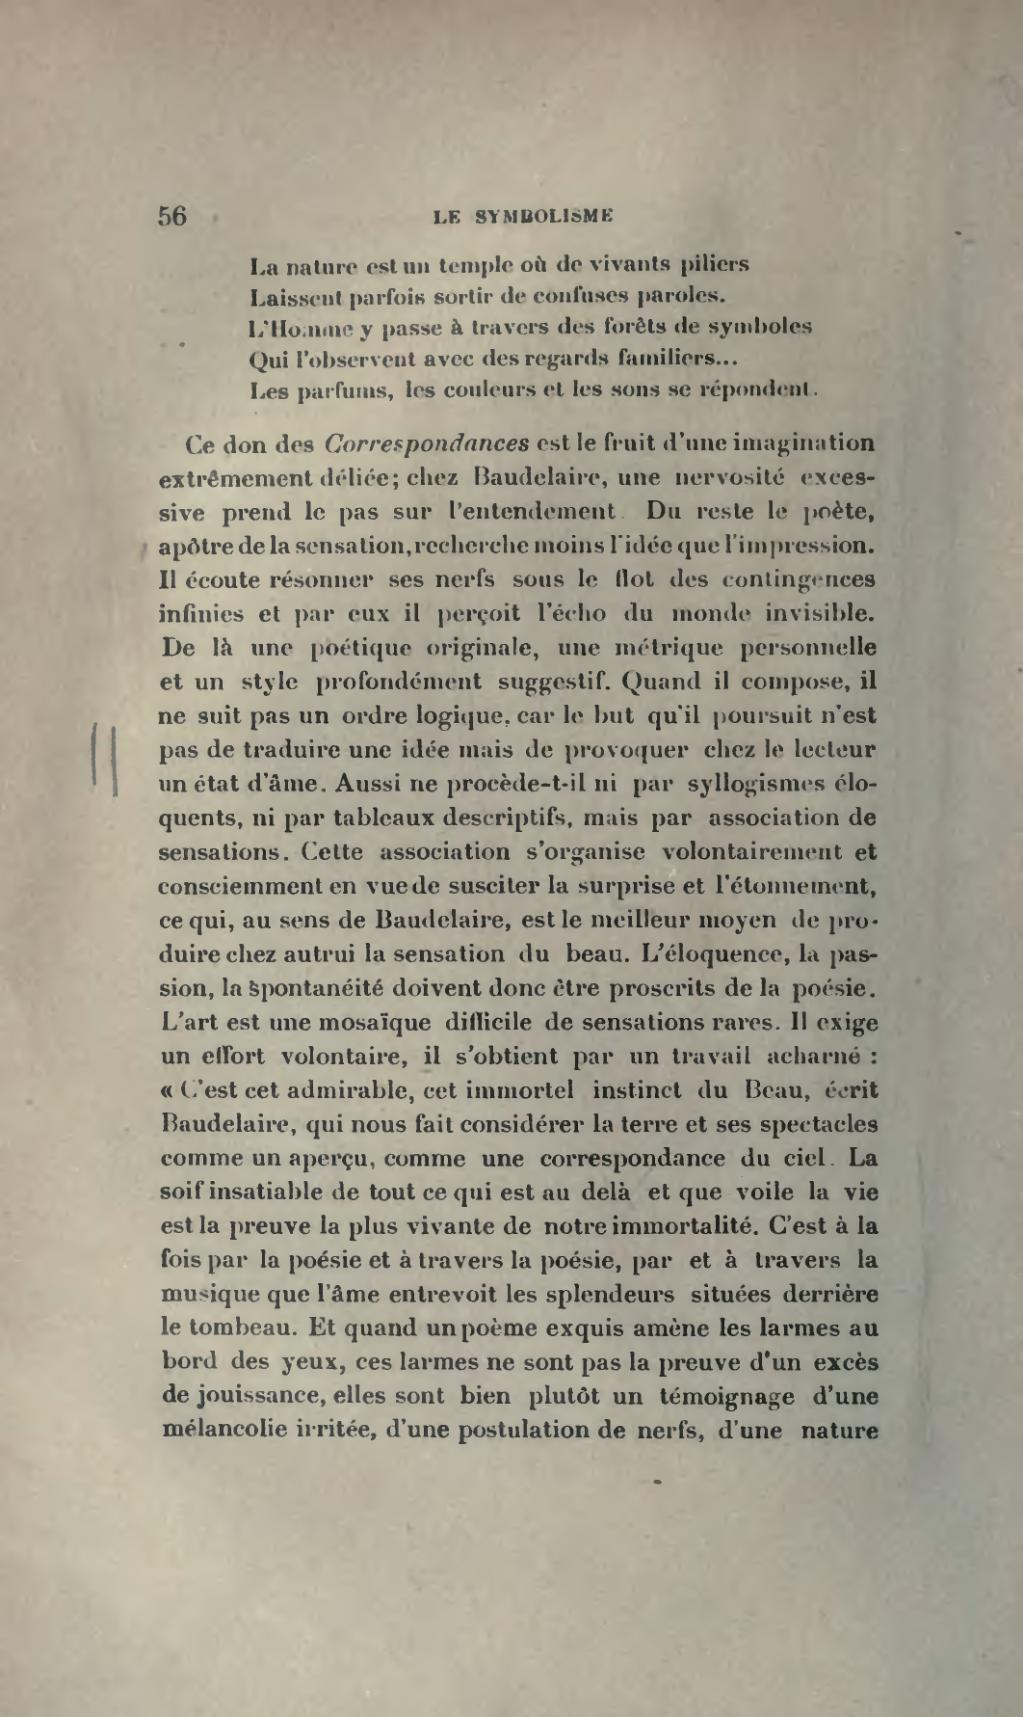 La Nature Est Un Temple Où De Vivants Piliers : nature, temple, vivants, piliers, Page:Barre, Symbolisme,, 1911.djvu/72, Wikisource